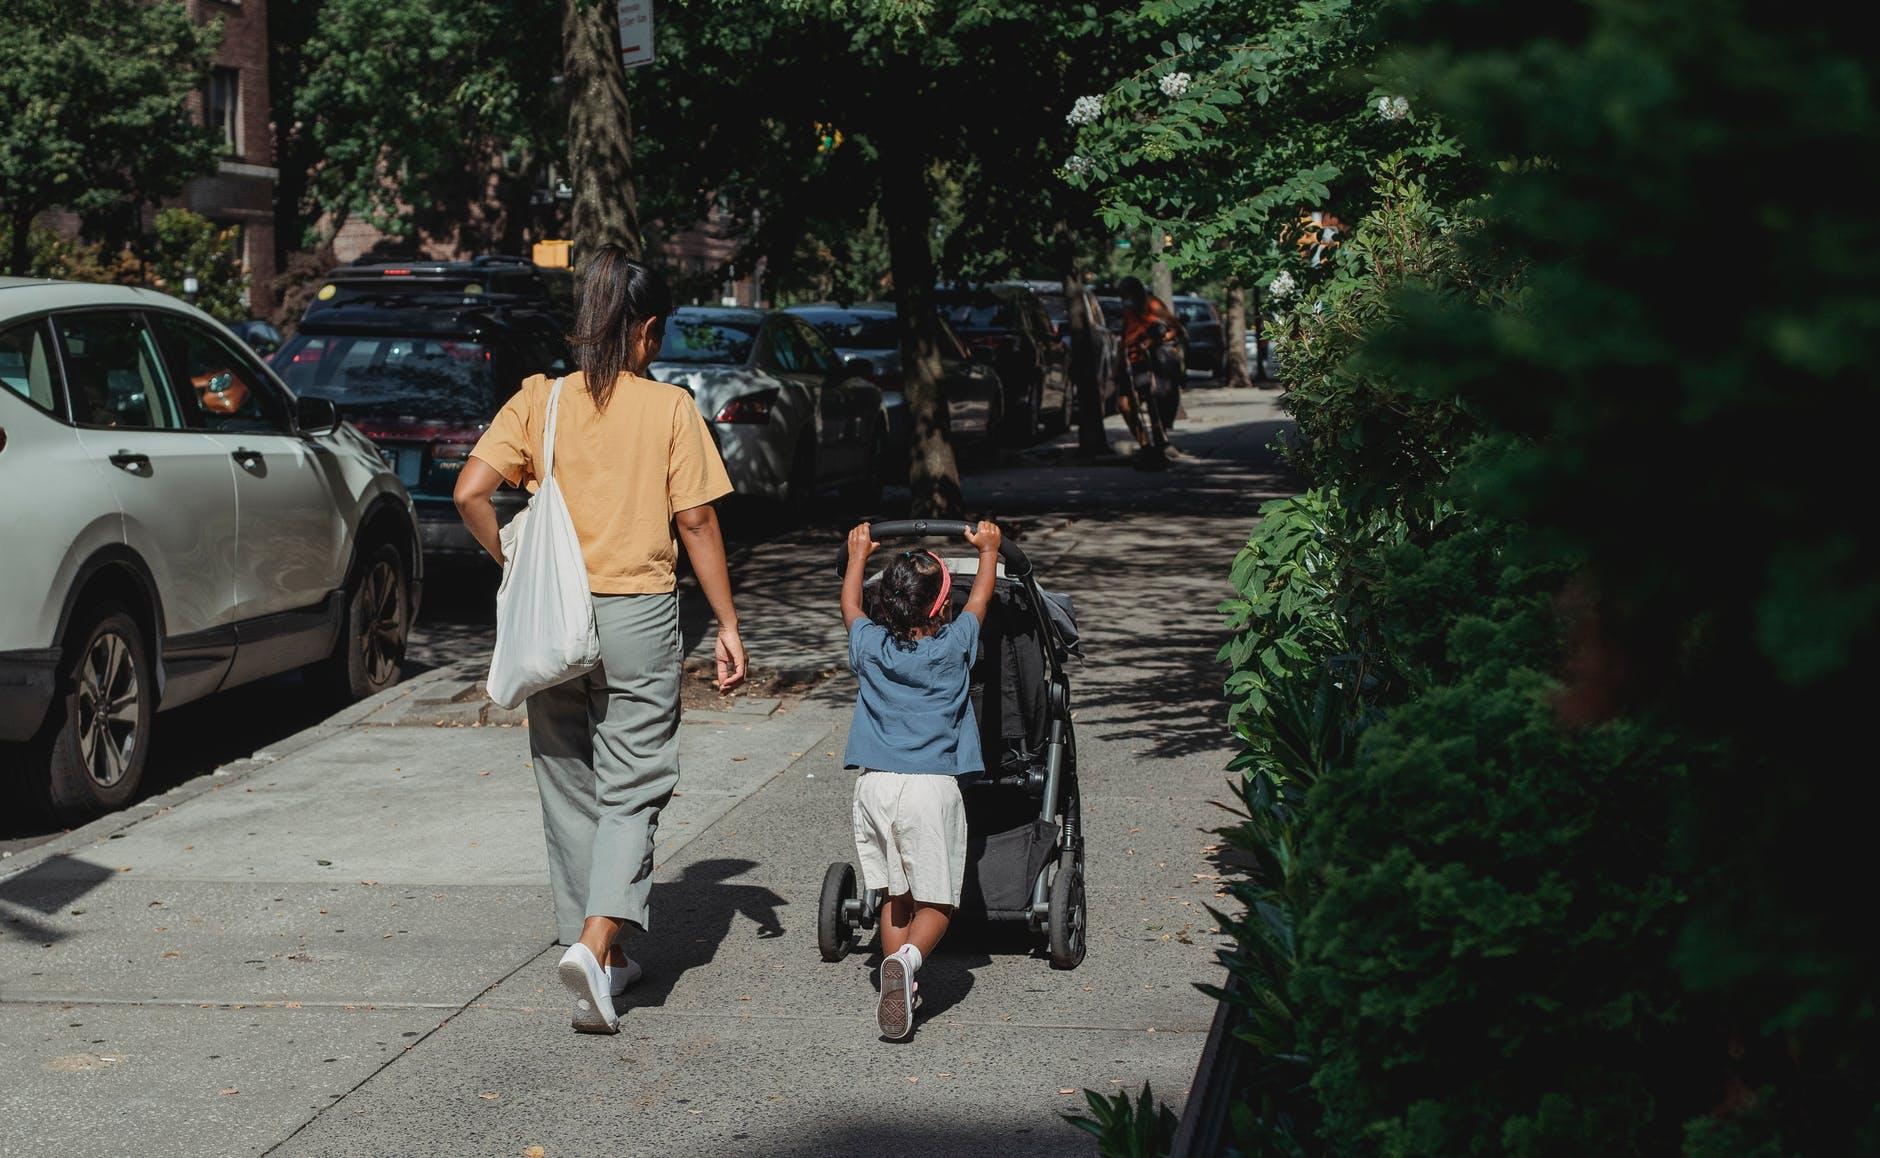 Правильные прогулки с ребенком